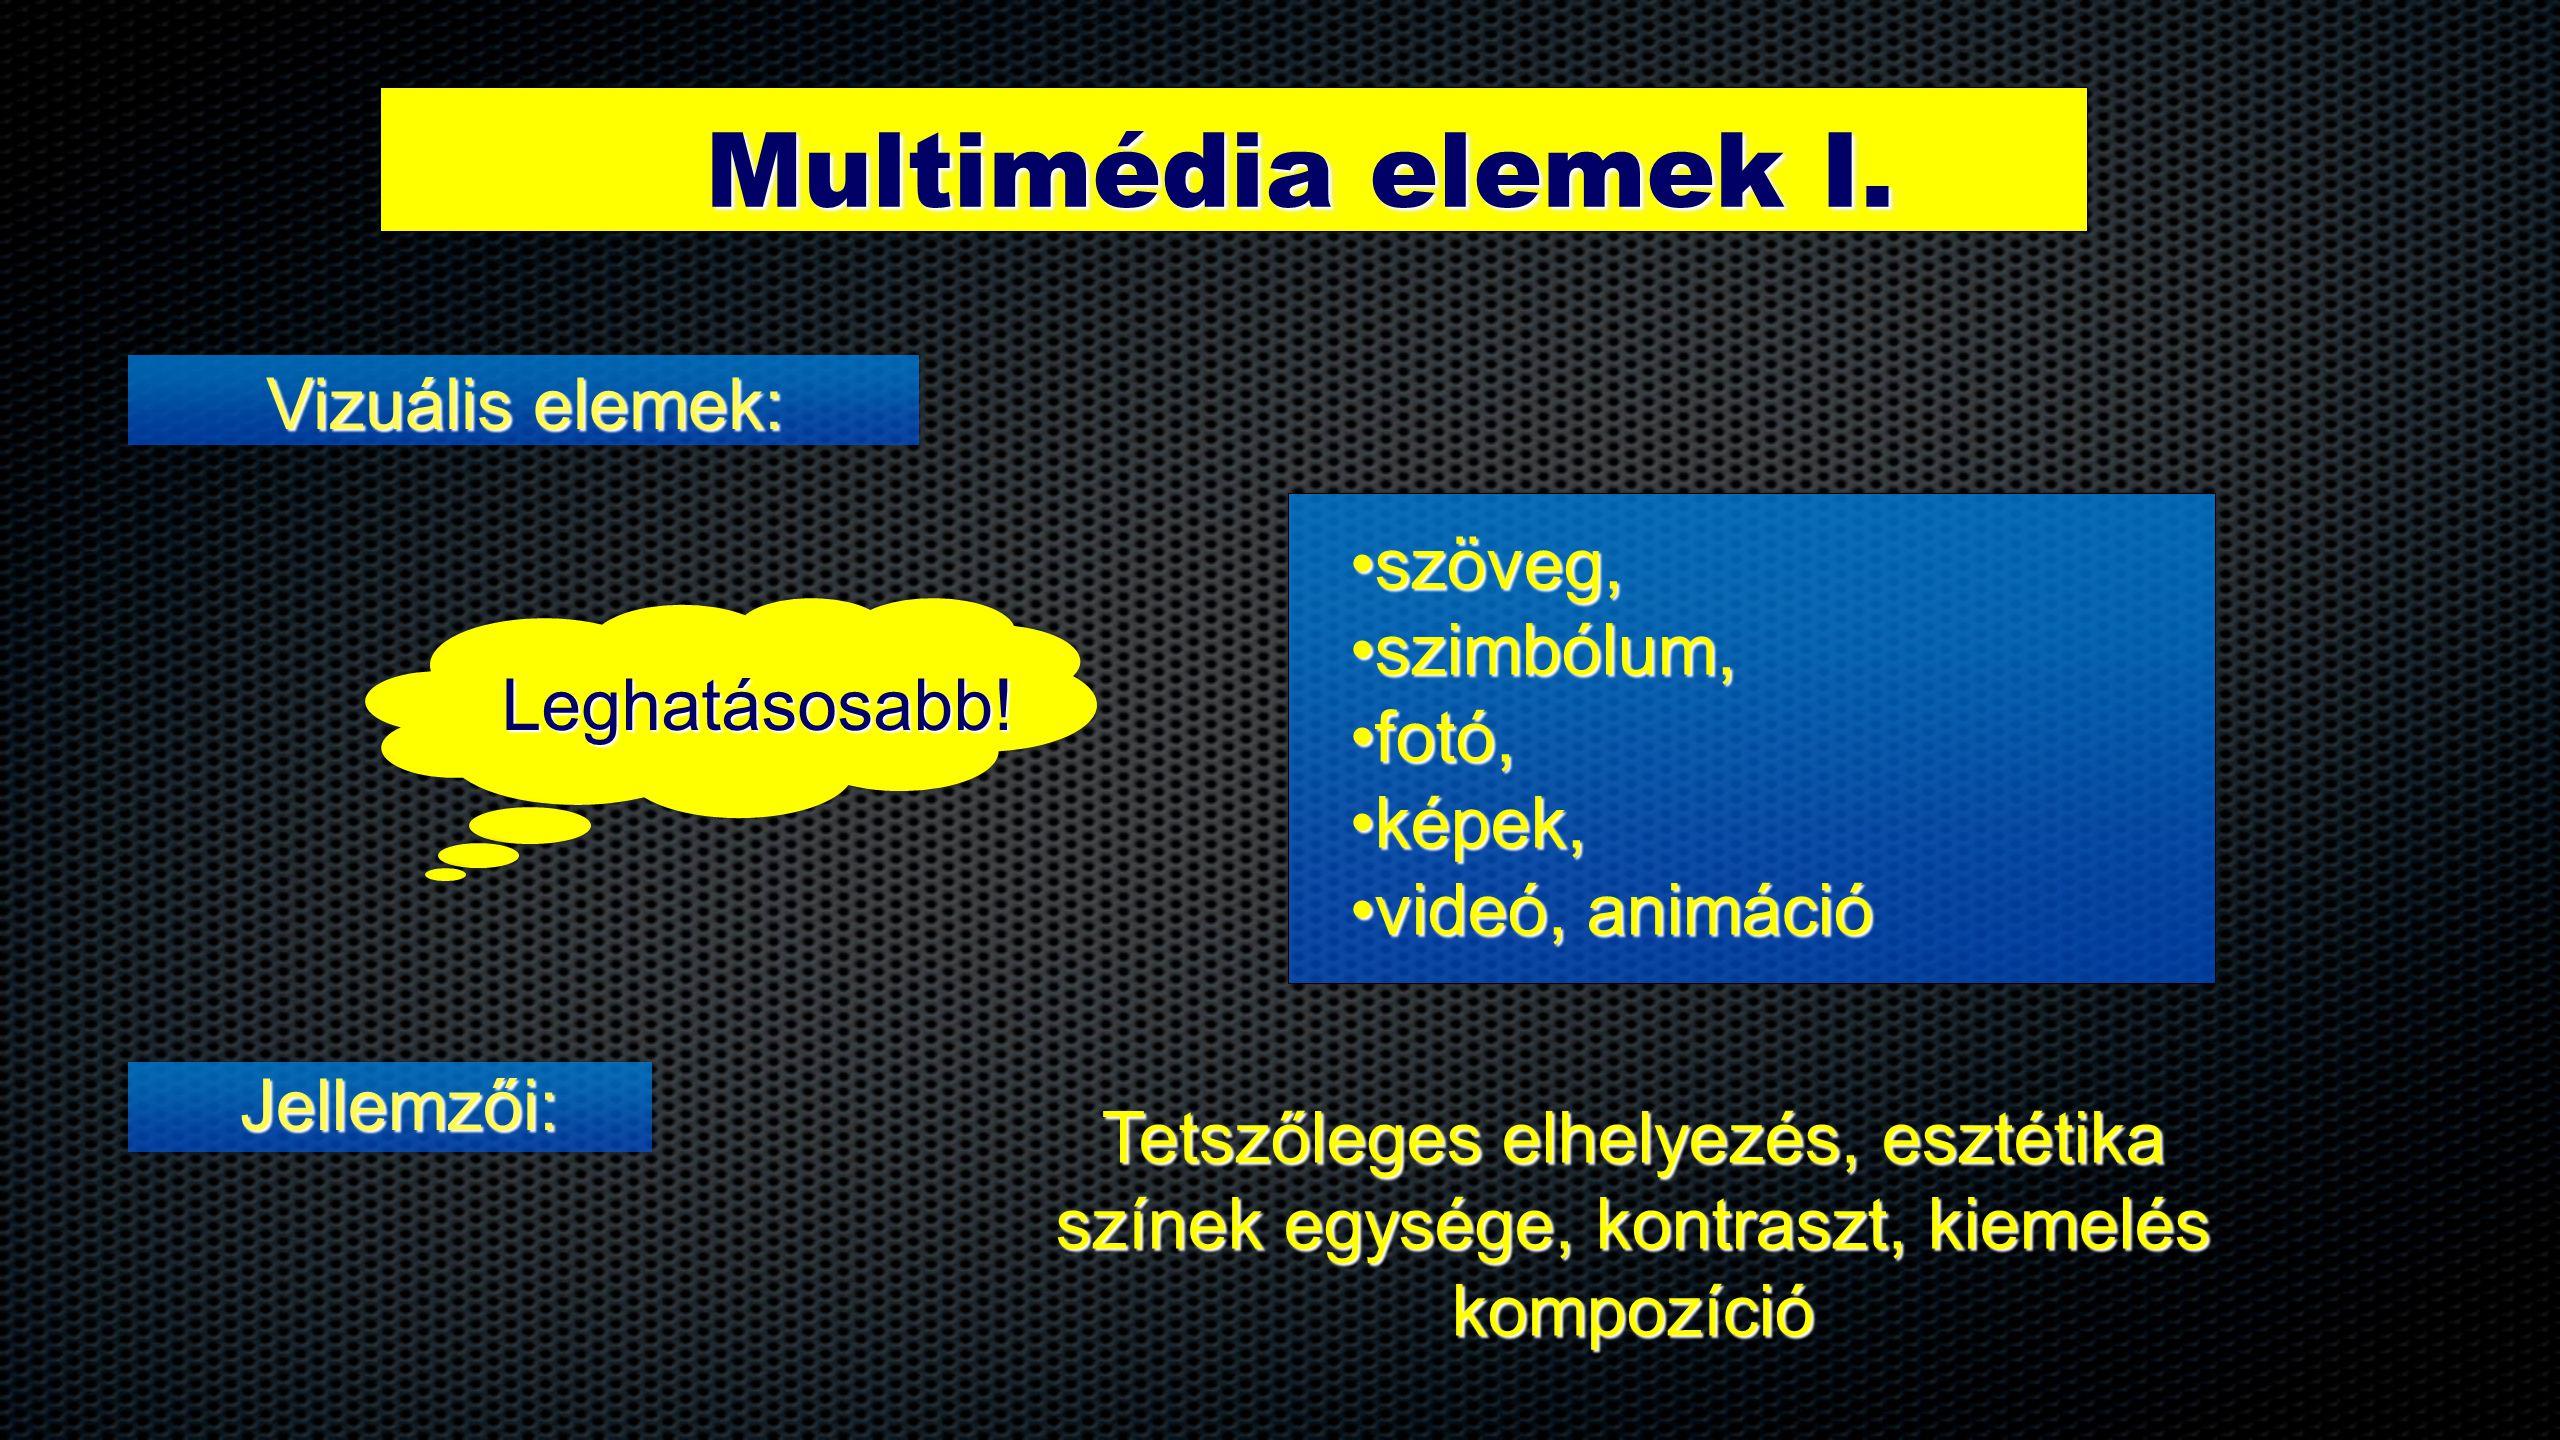 Multimédia elemek I. •szöveg, •szimbólum, •fotó, •képek, •videó, animáció Jellemzői: Vizuális elemek: Tetszőleges elhelyezés, esztétika színek egysége